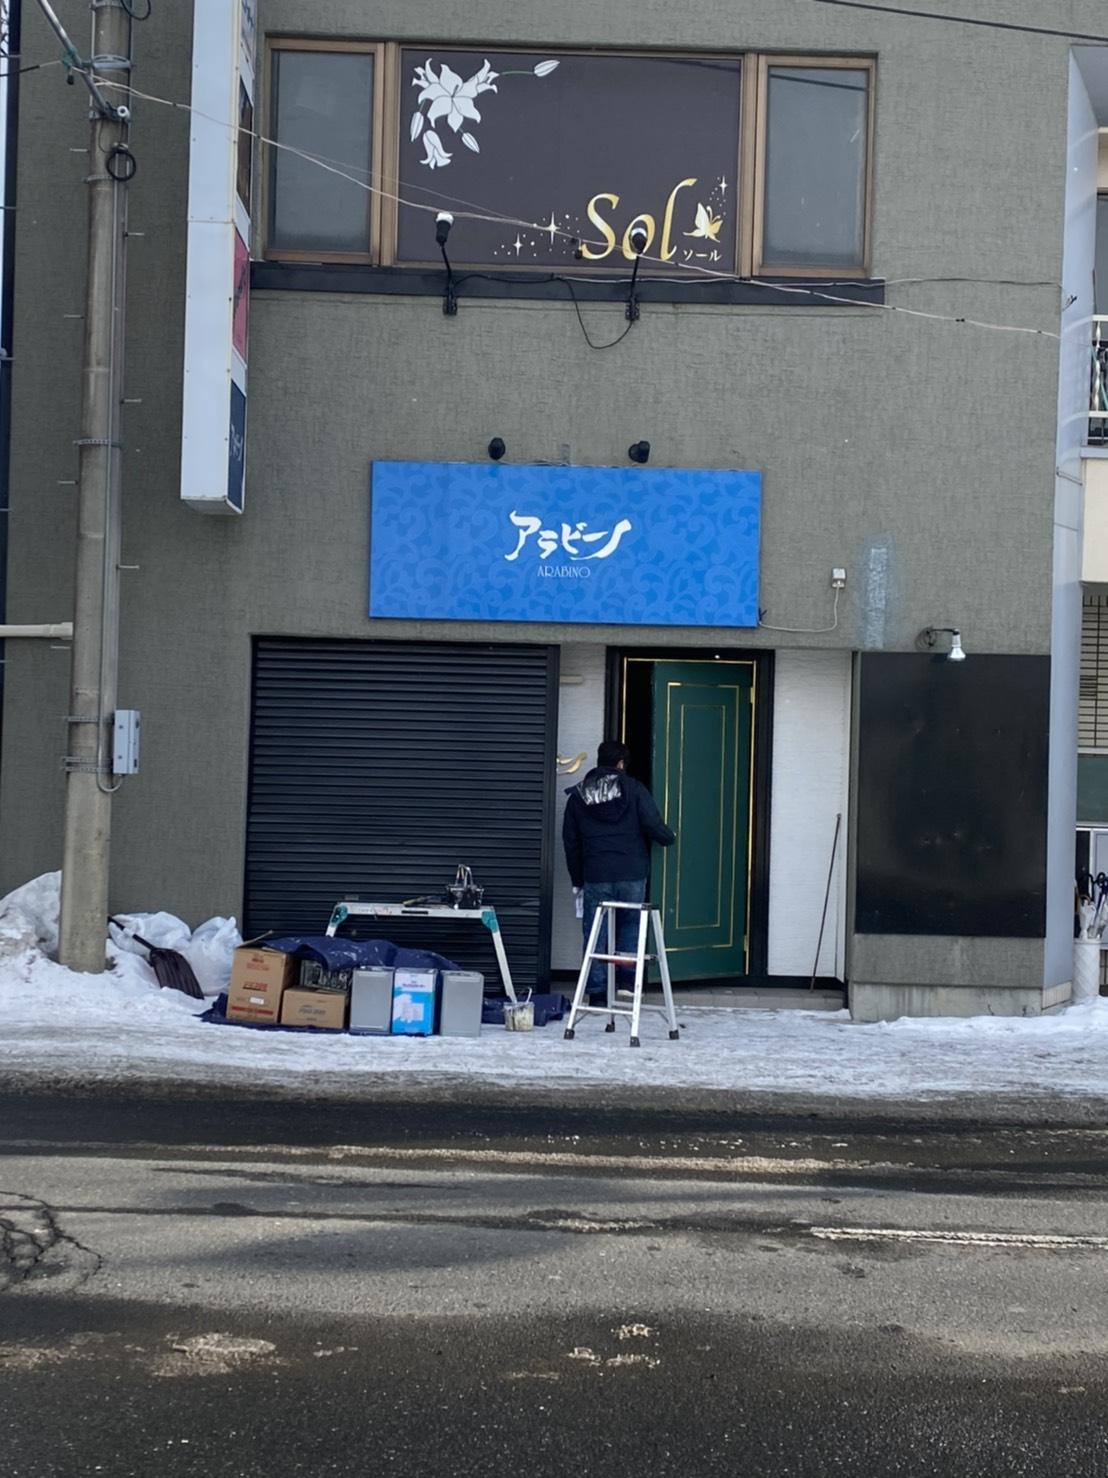 十和田市アラビーノ様光触媒コーティング施工いたしました😊